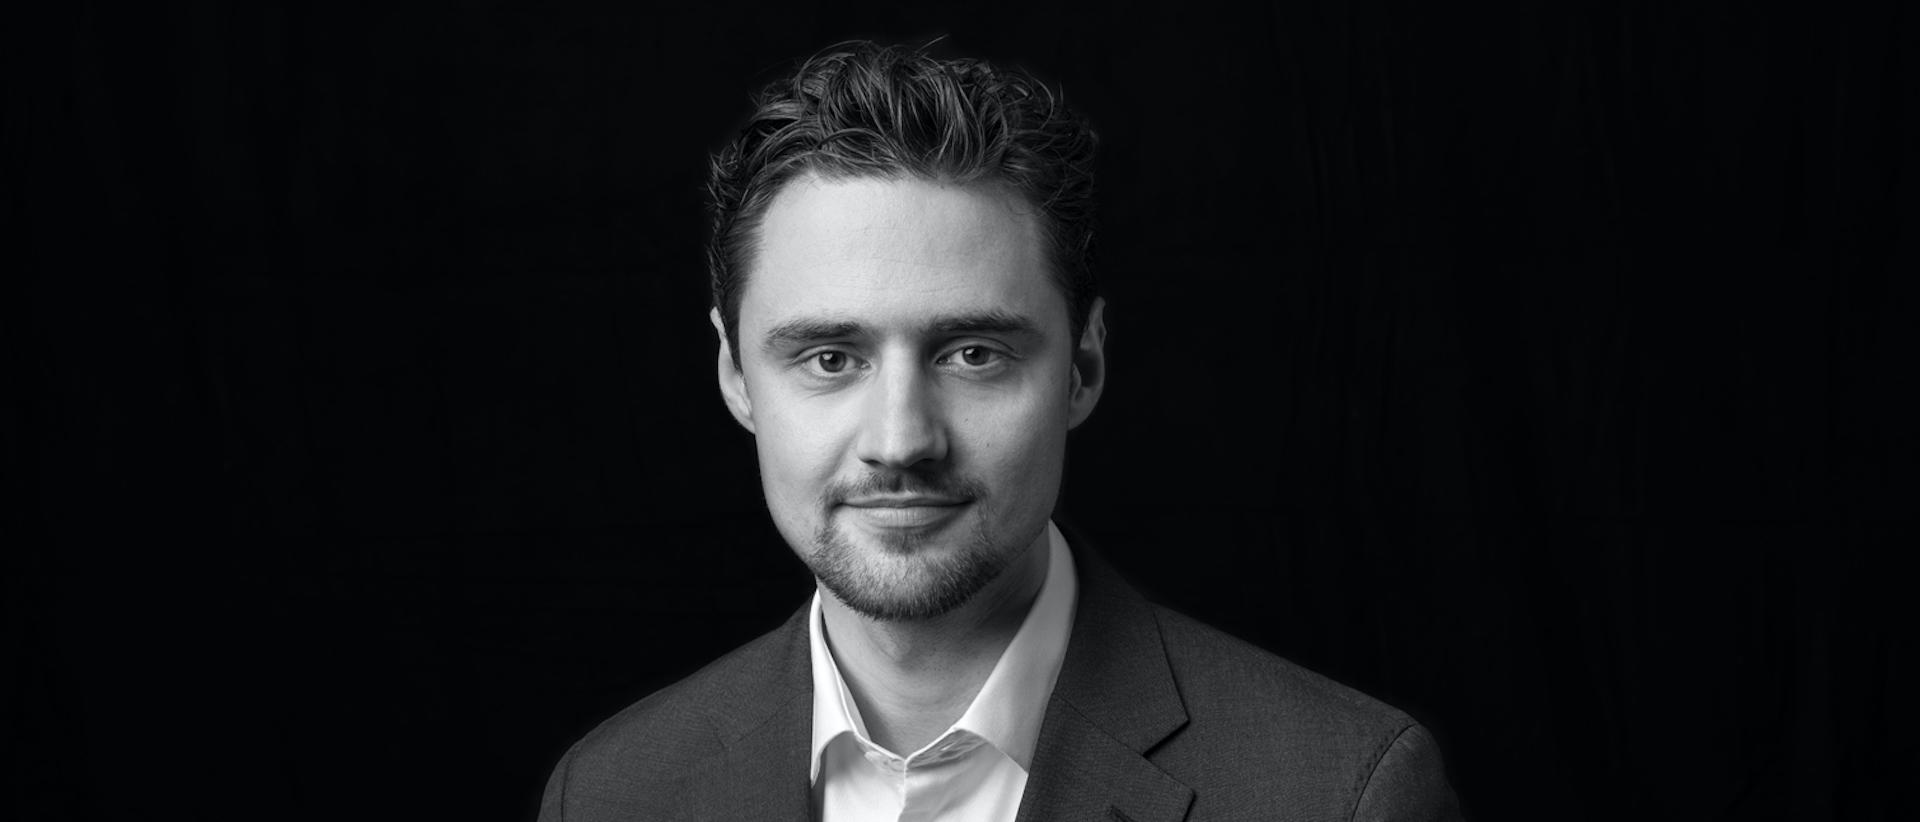 Jan-Christoph Herbst